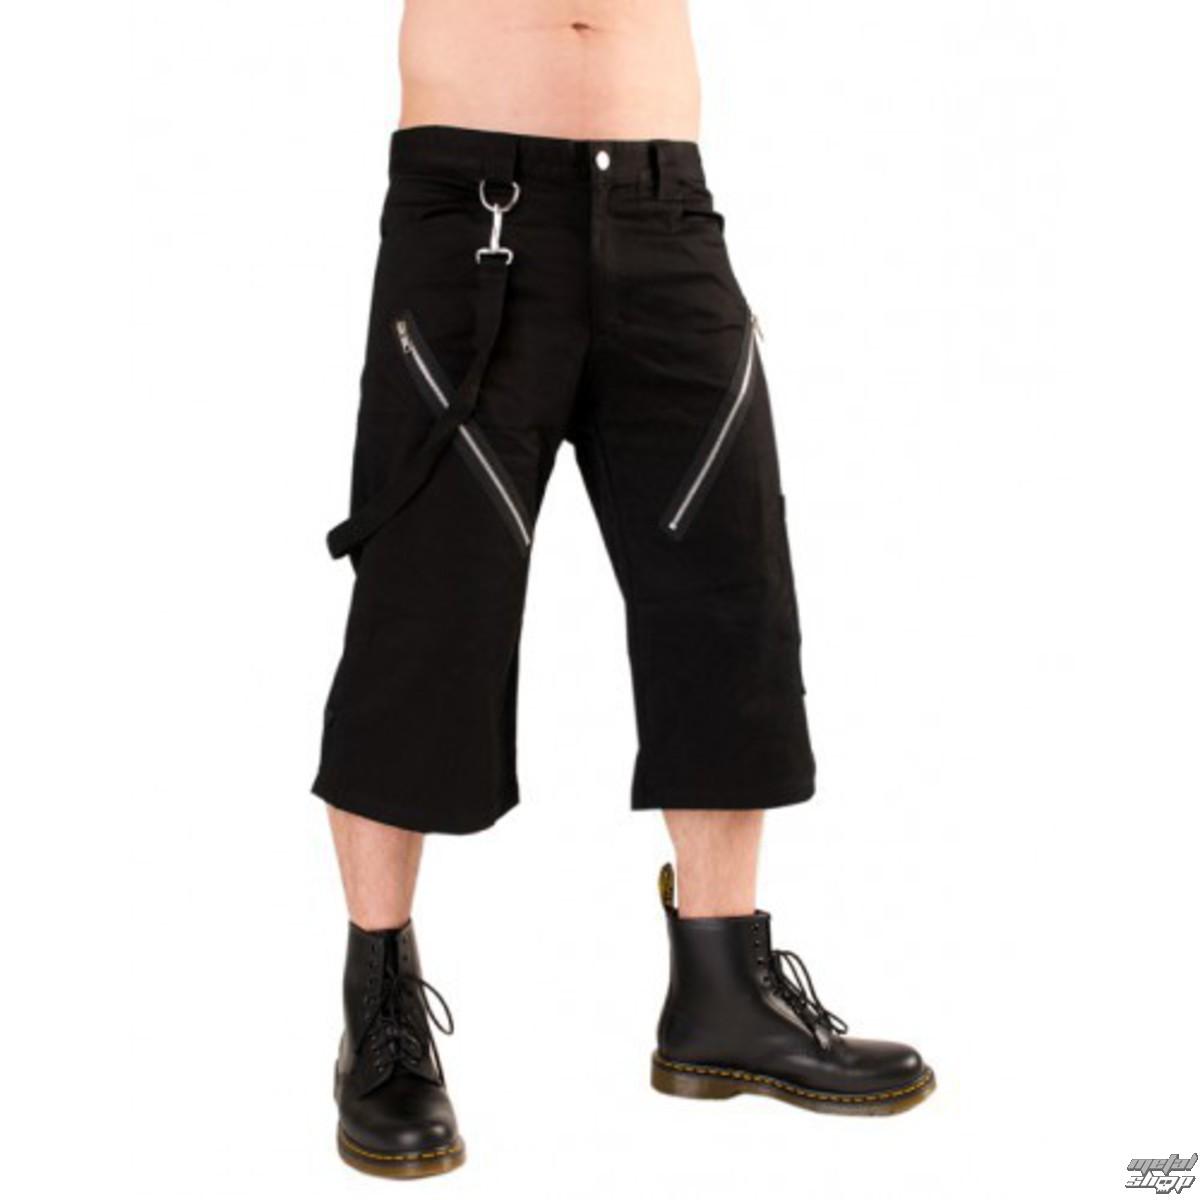 kraťasy 3/4 pánské Black Pistol - Zip Short Pants Denim Black - B-1-45-101-00